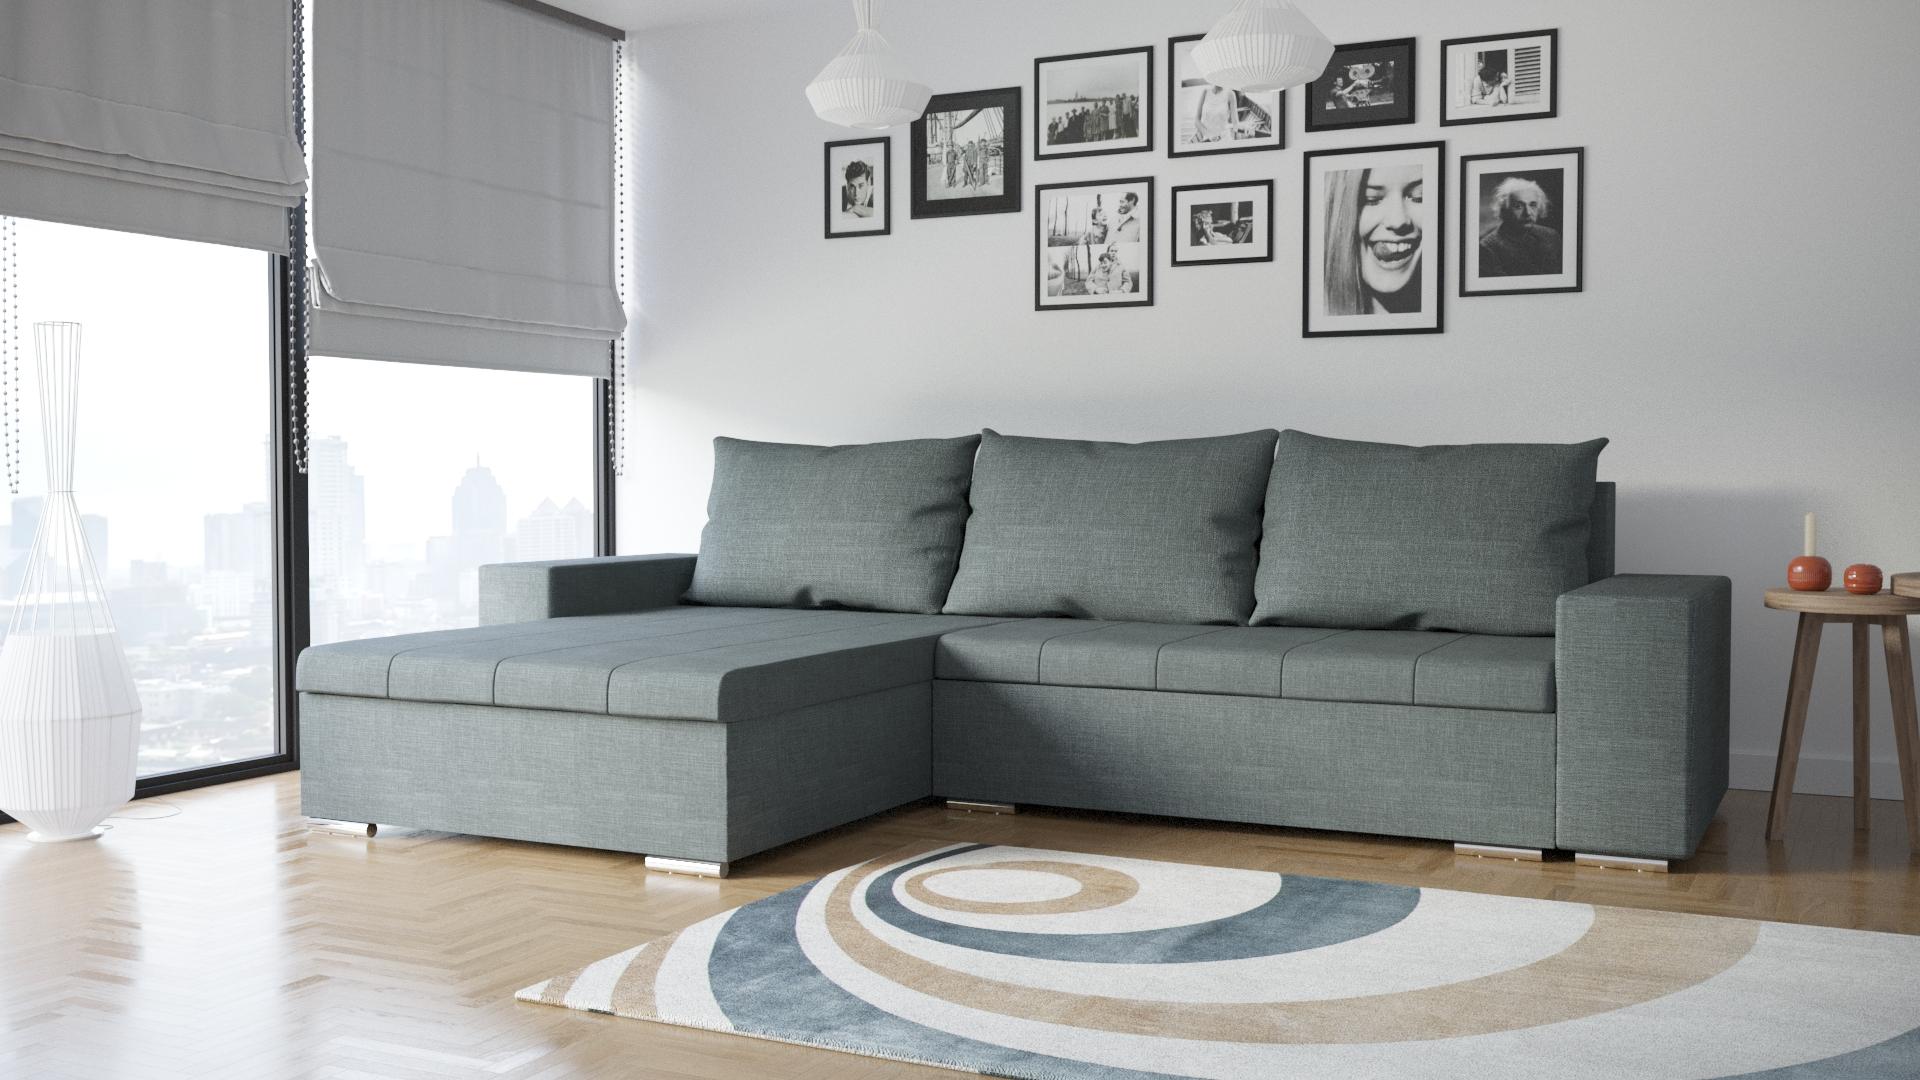 Full Size of Ecksofa Schlaffunktion Bettfunktion Couch Sofa L Textil Garnitur Schillig Bora Dreisitzer Schlafsofa Liegefläche 160x200 3 Sitzer Cognac Halbrundes Sofa Sofa Schlaffunktion